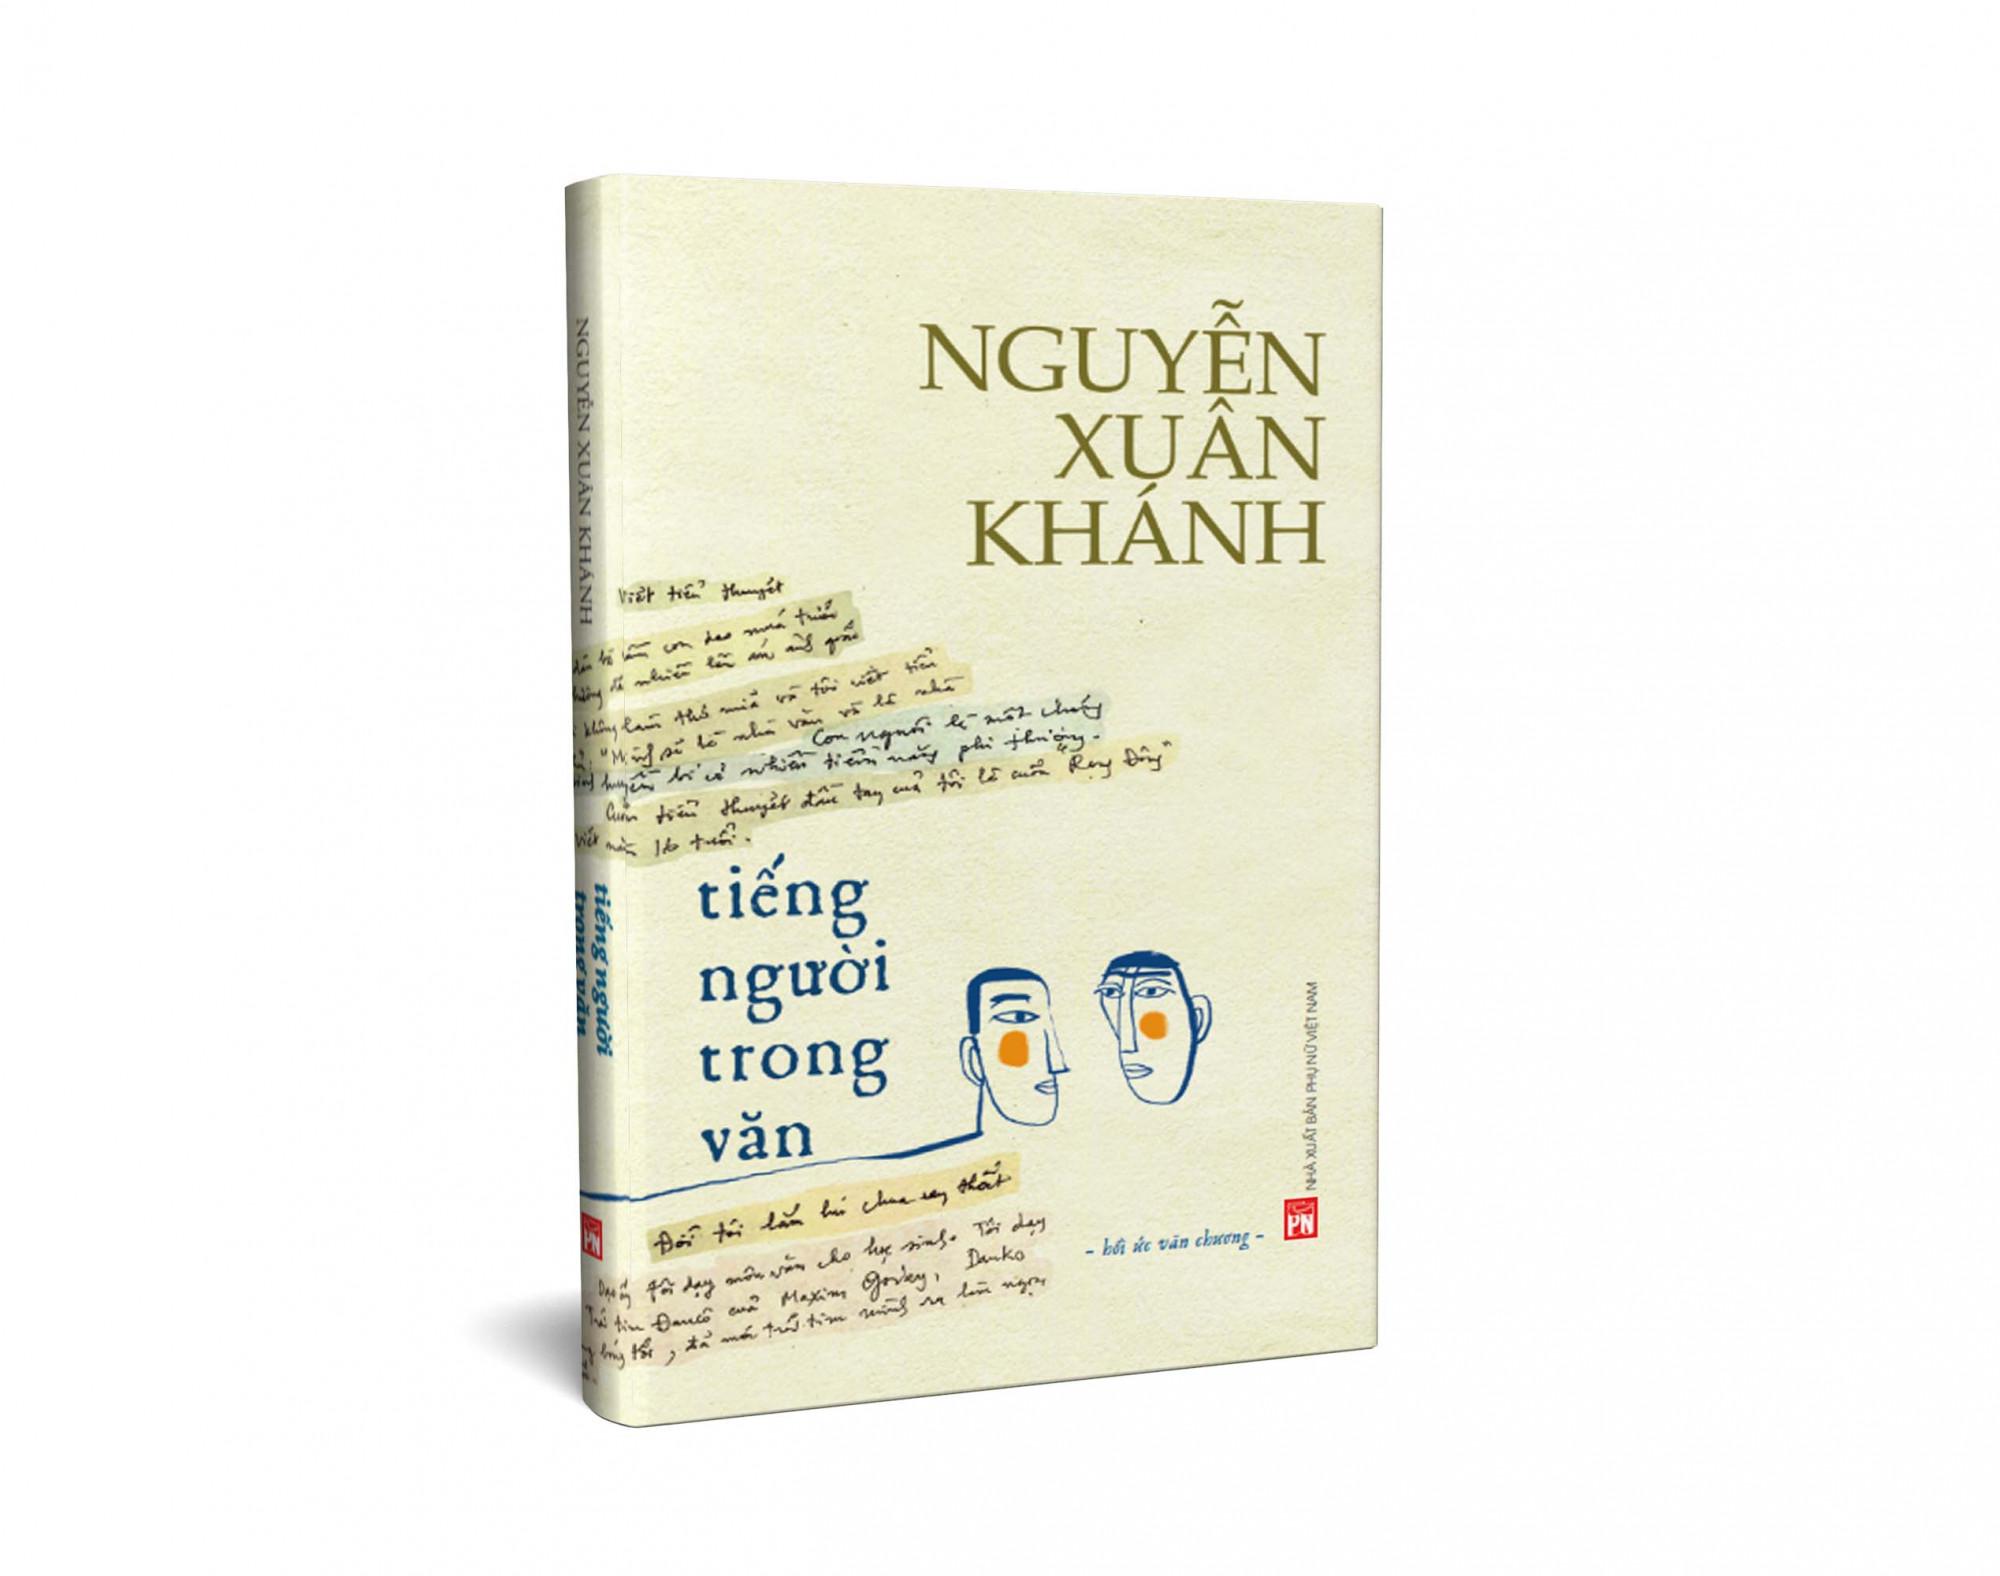 Tiếng người trong văn là những trang viết chưa từng được công bố của cố nhà văn Nguyễn Xuân Khánh